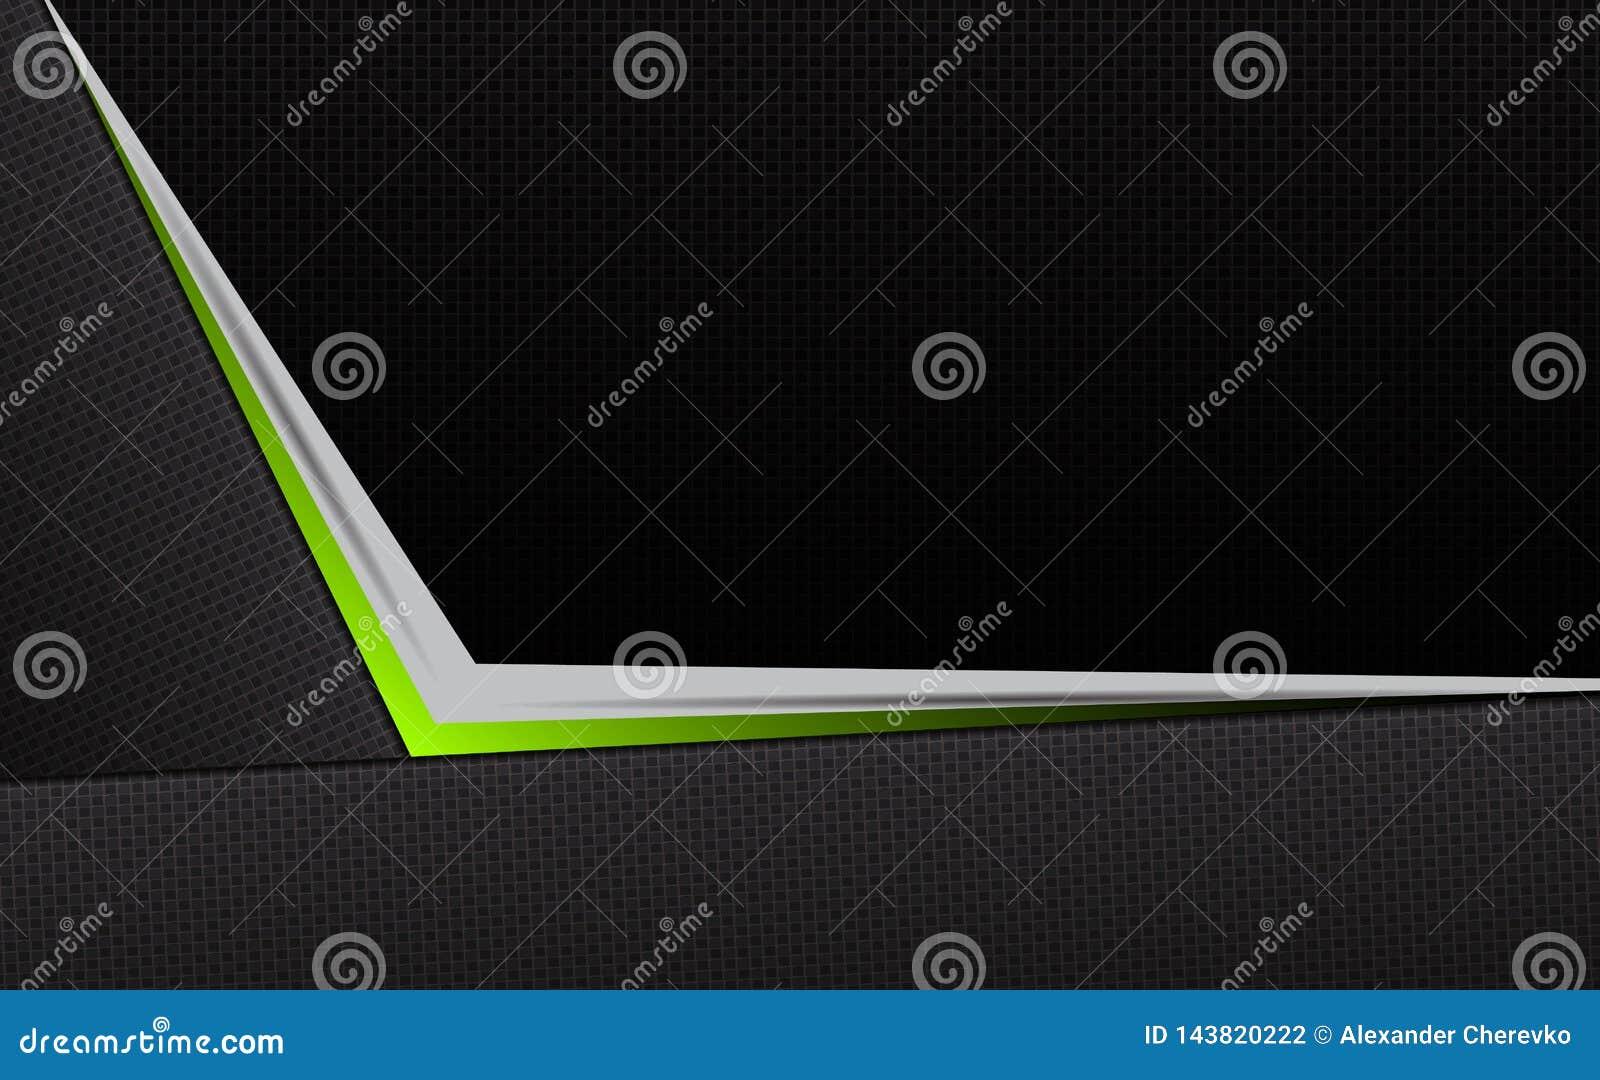 Composição escura abstrata geométrica da textura com uma seta verde da máscara